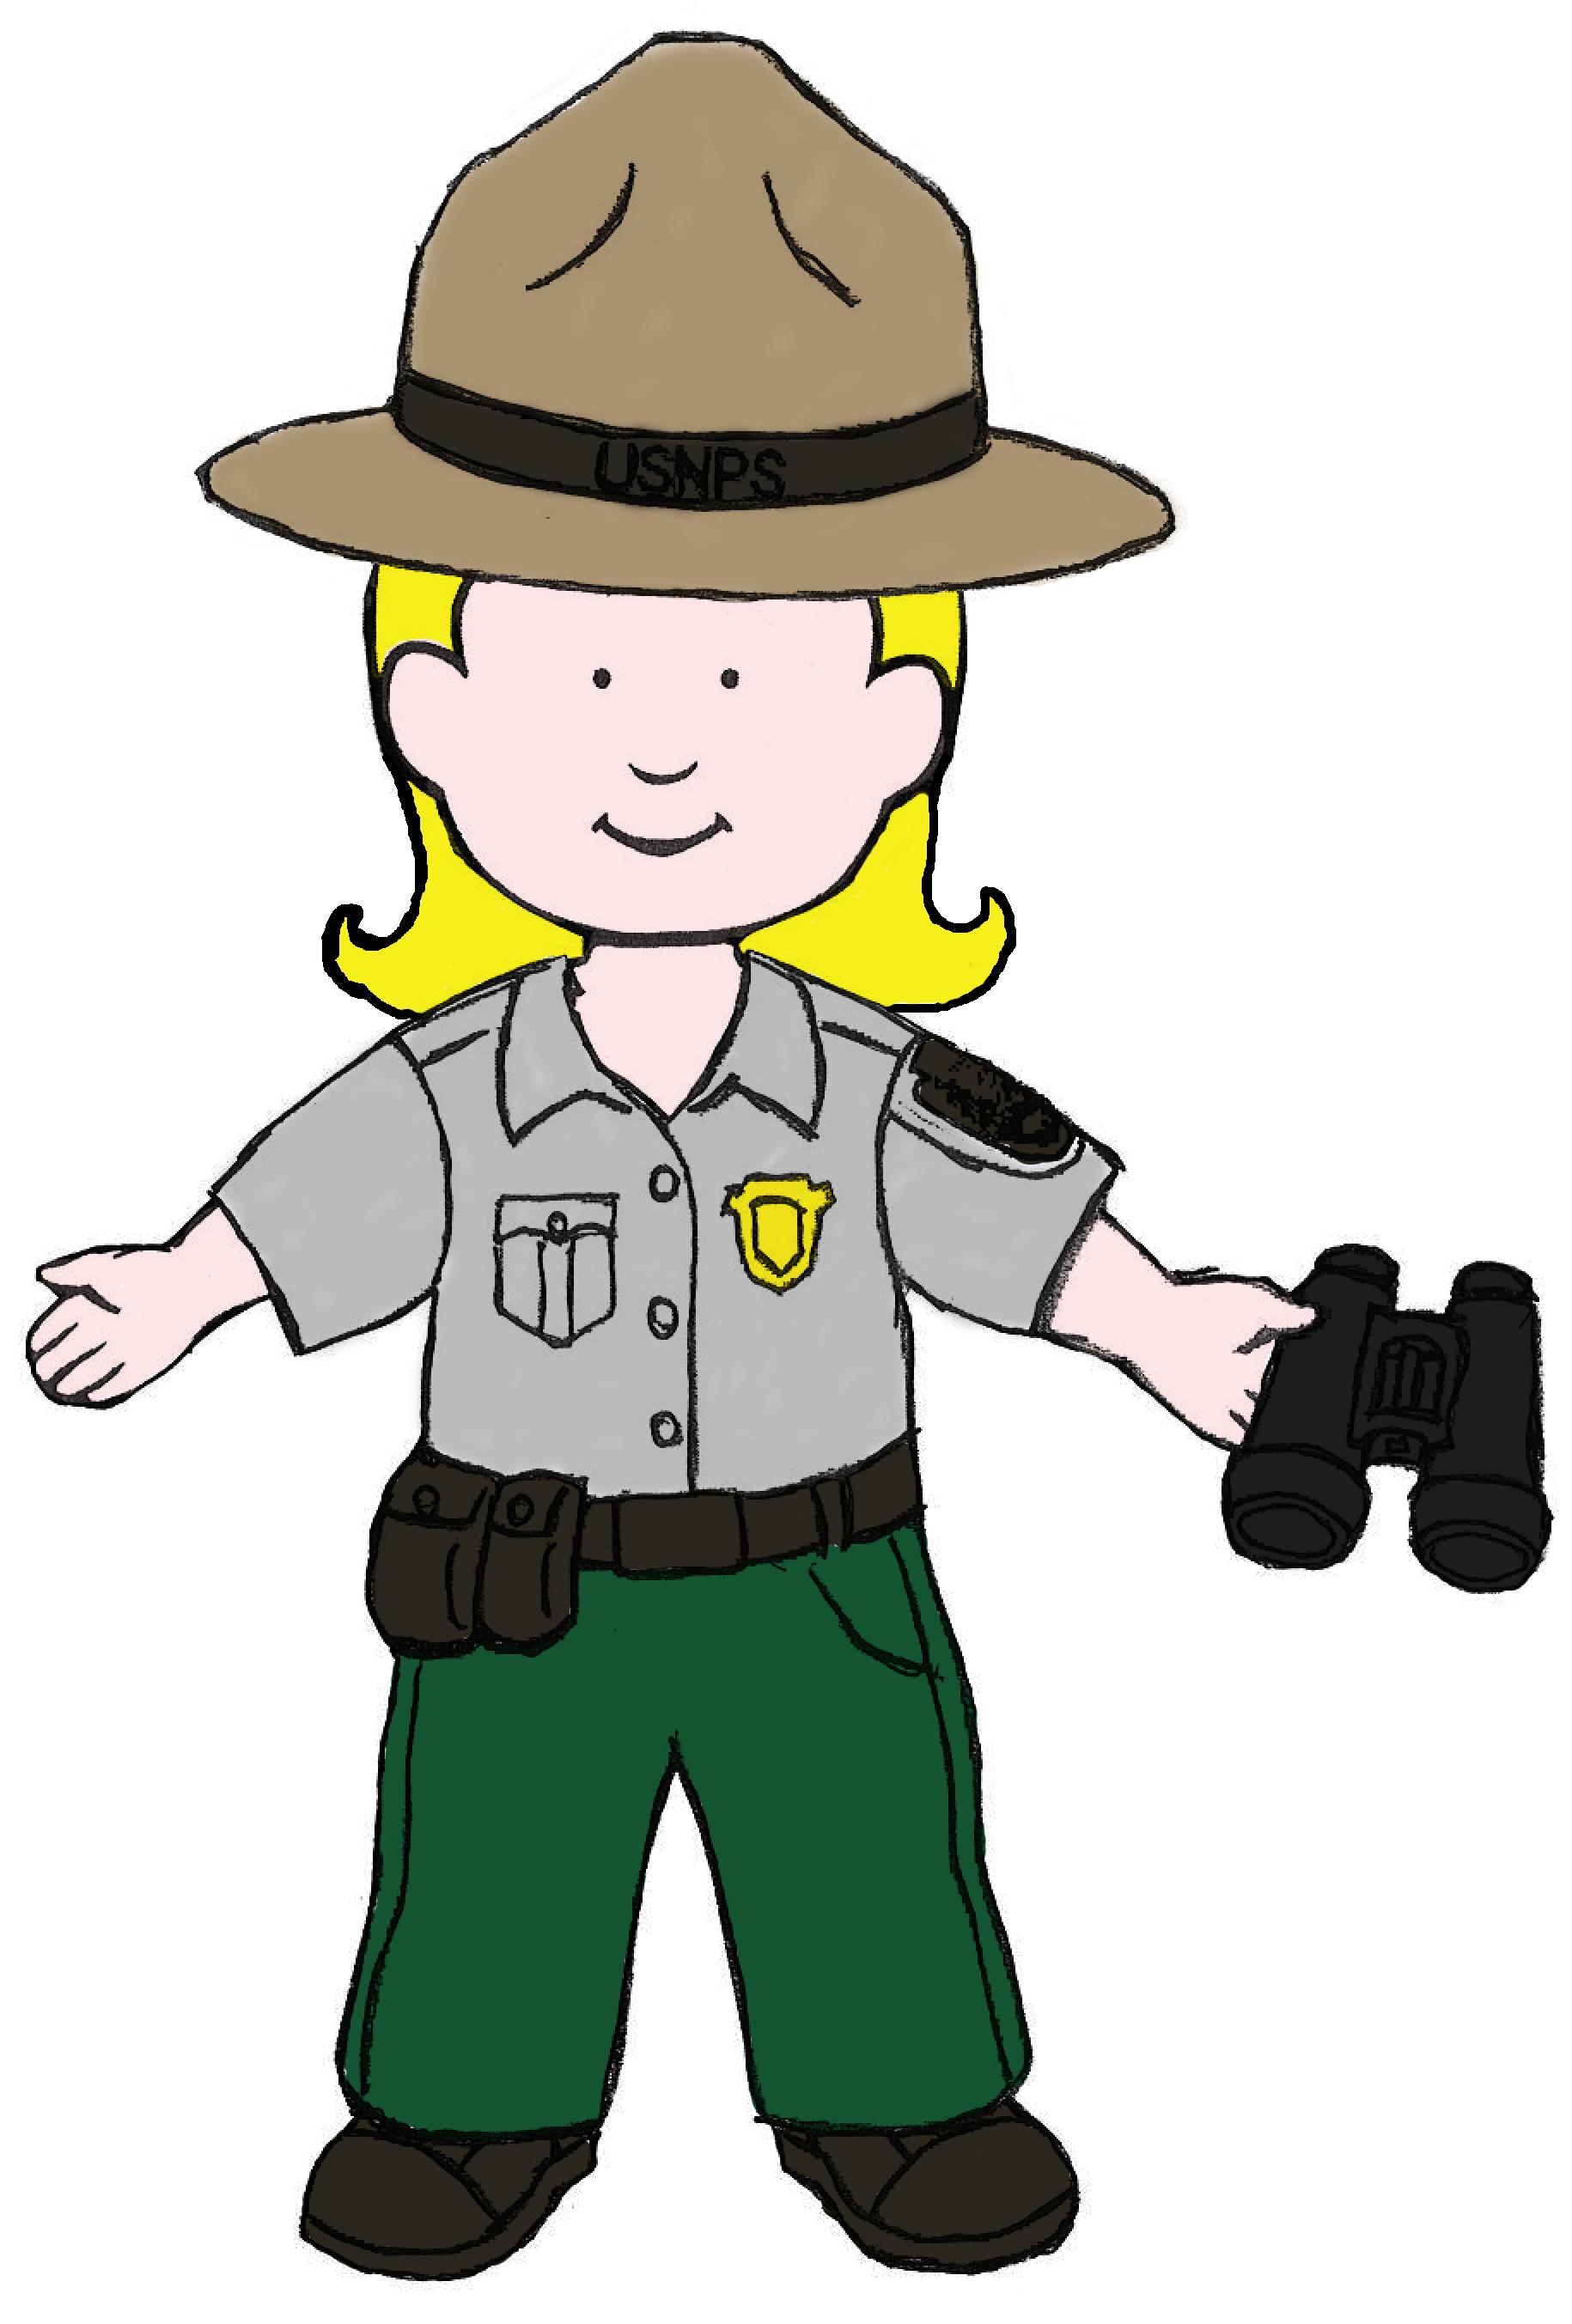 Ranger clipart jpg black and white Park ranger clipart 9 » Clipart Station jpg black and white